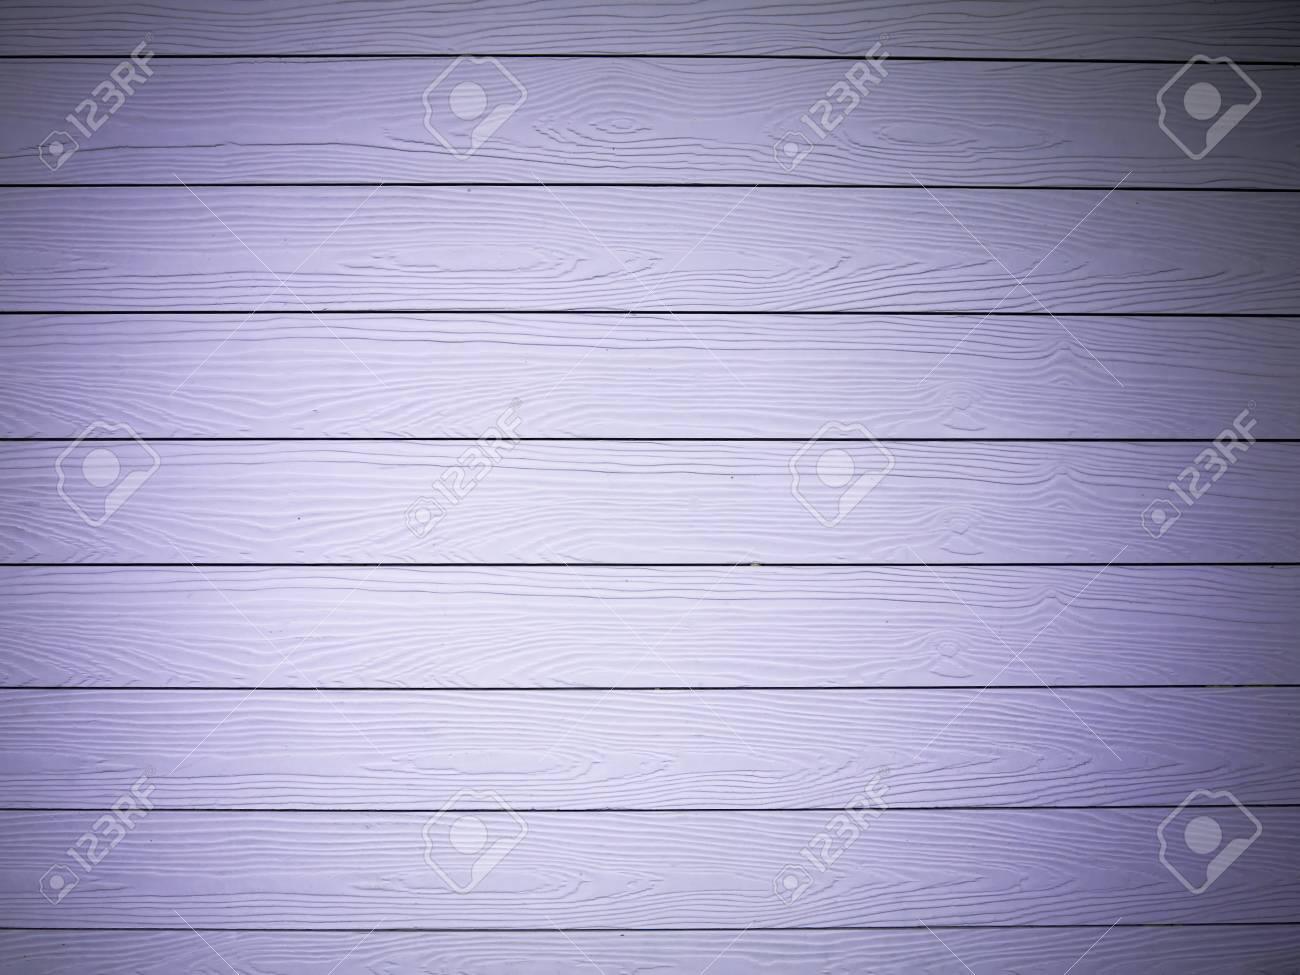 La Plinthe Du Mur texture de purple mur en bois de la planche horizontale avec une lumière  ronde